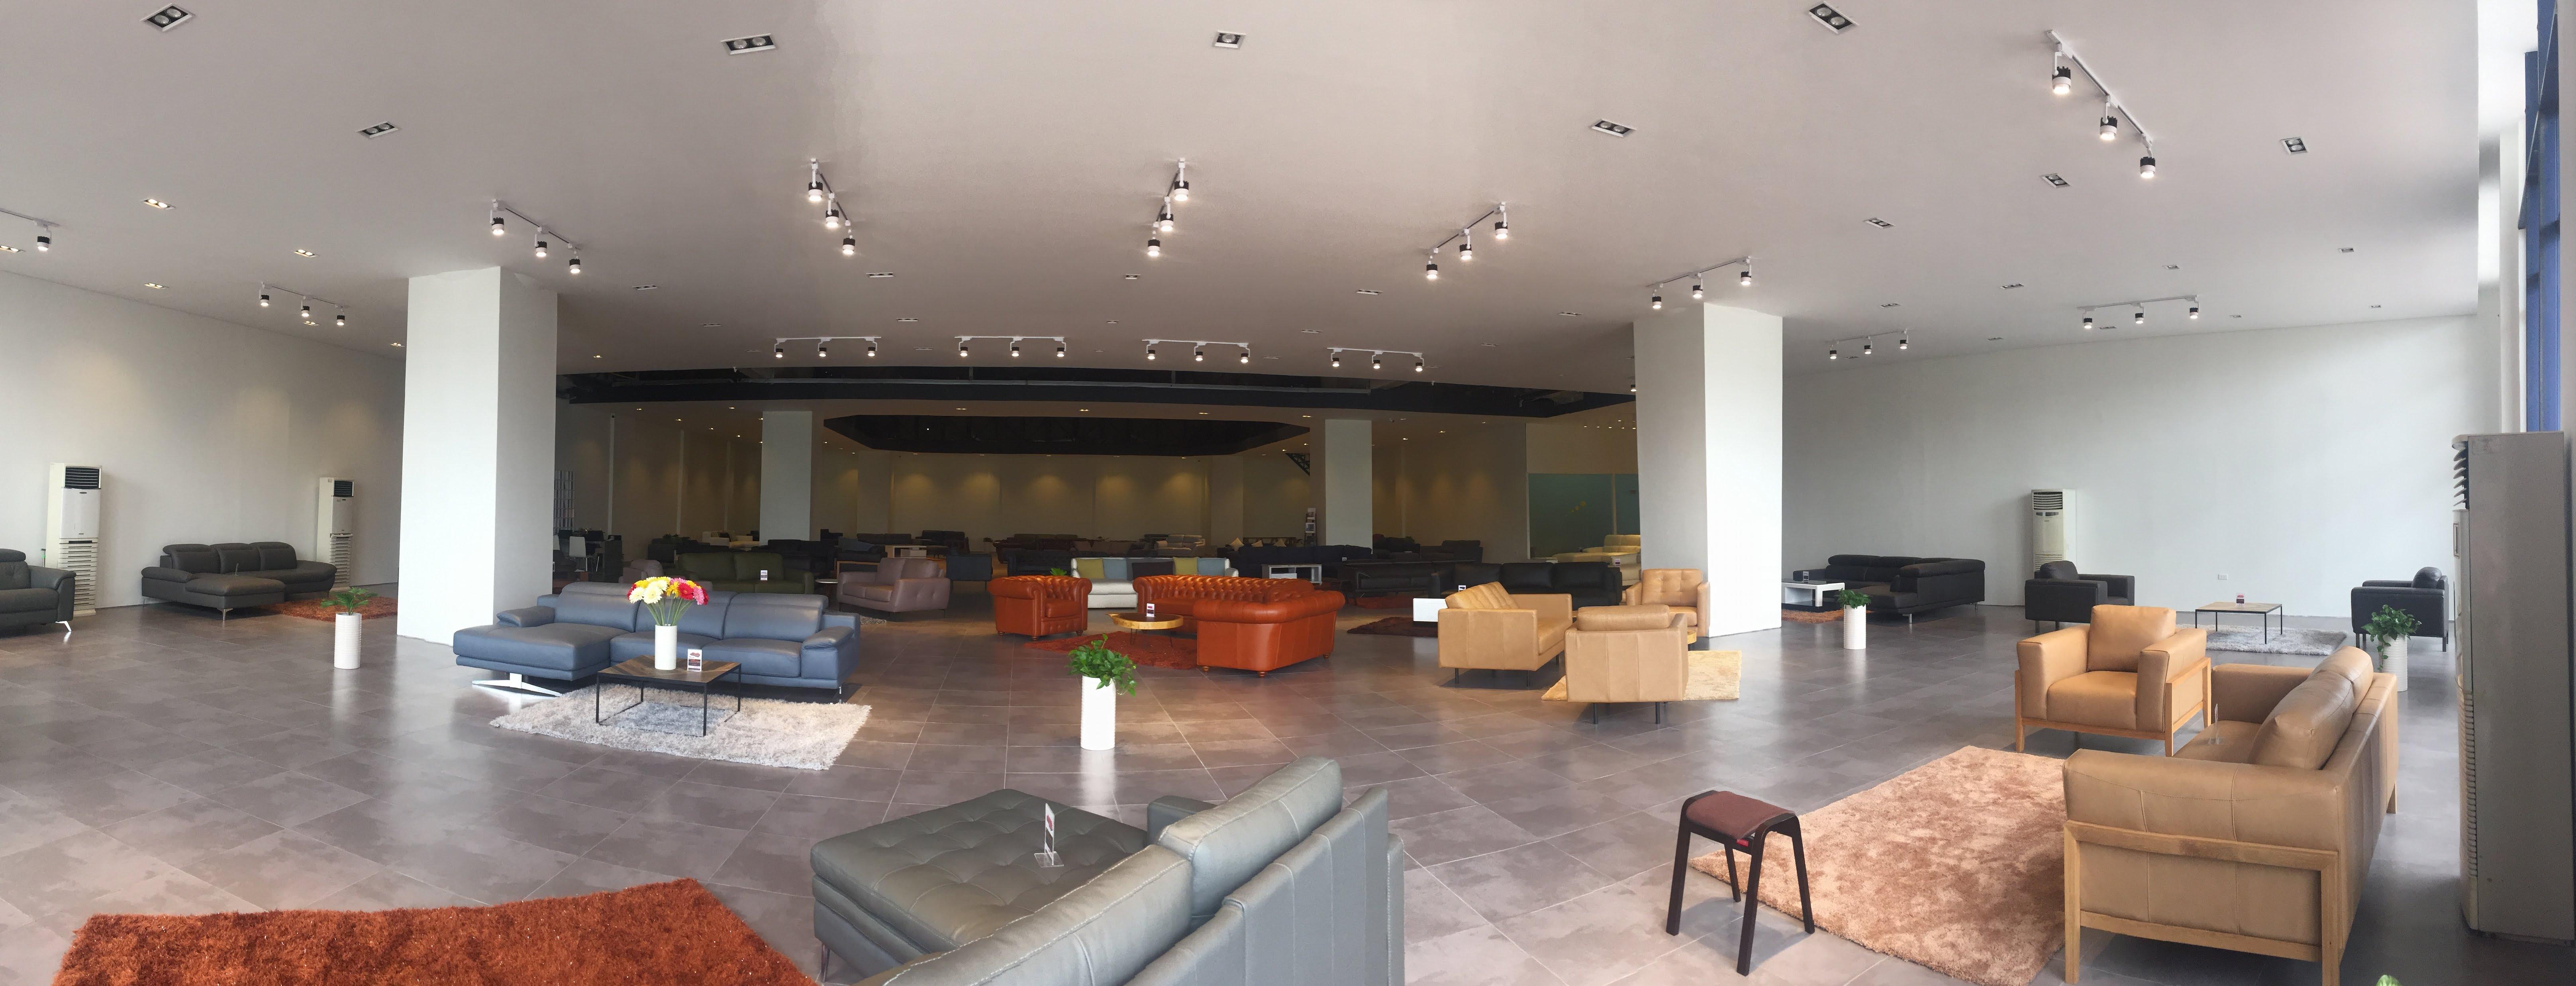 Hoàn thiện theo đúng bản vẽ thiết kế nội thất showroom của Vietnamarch